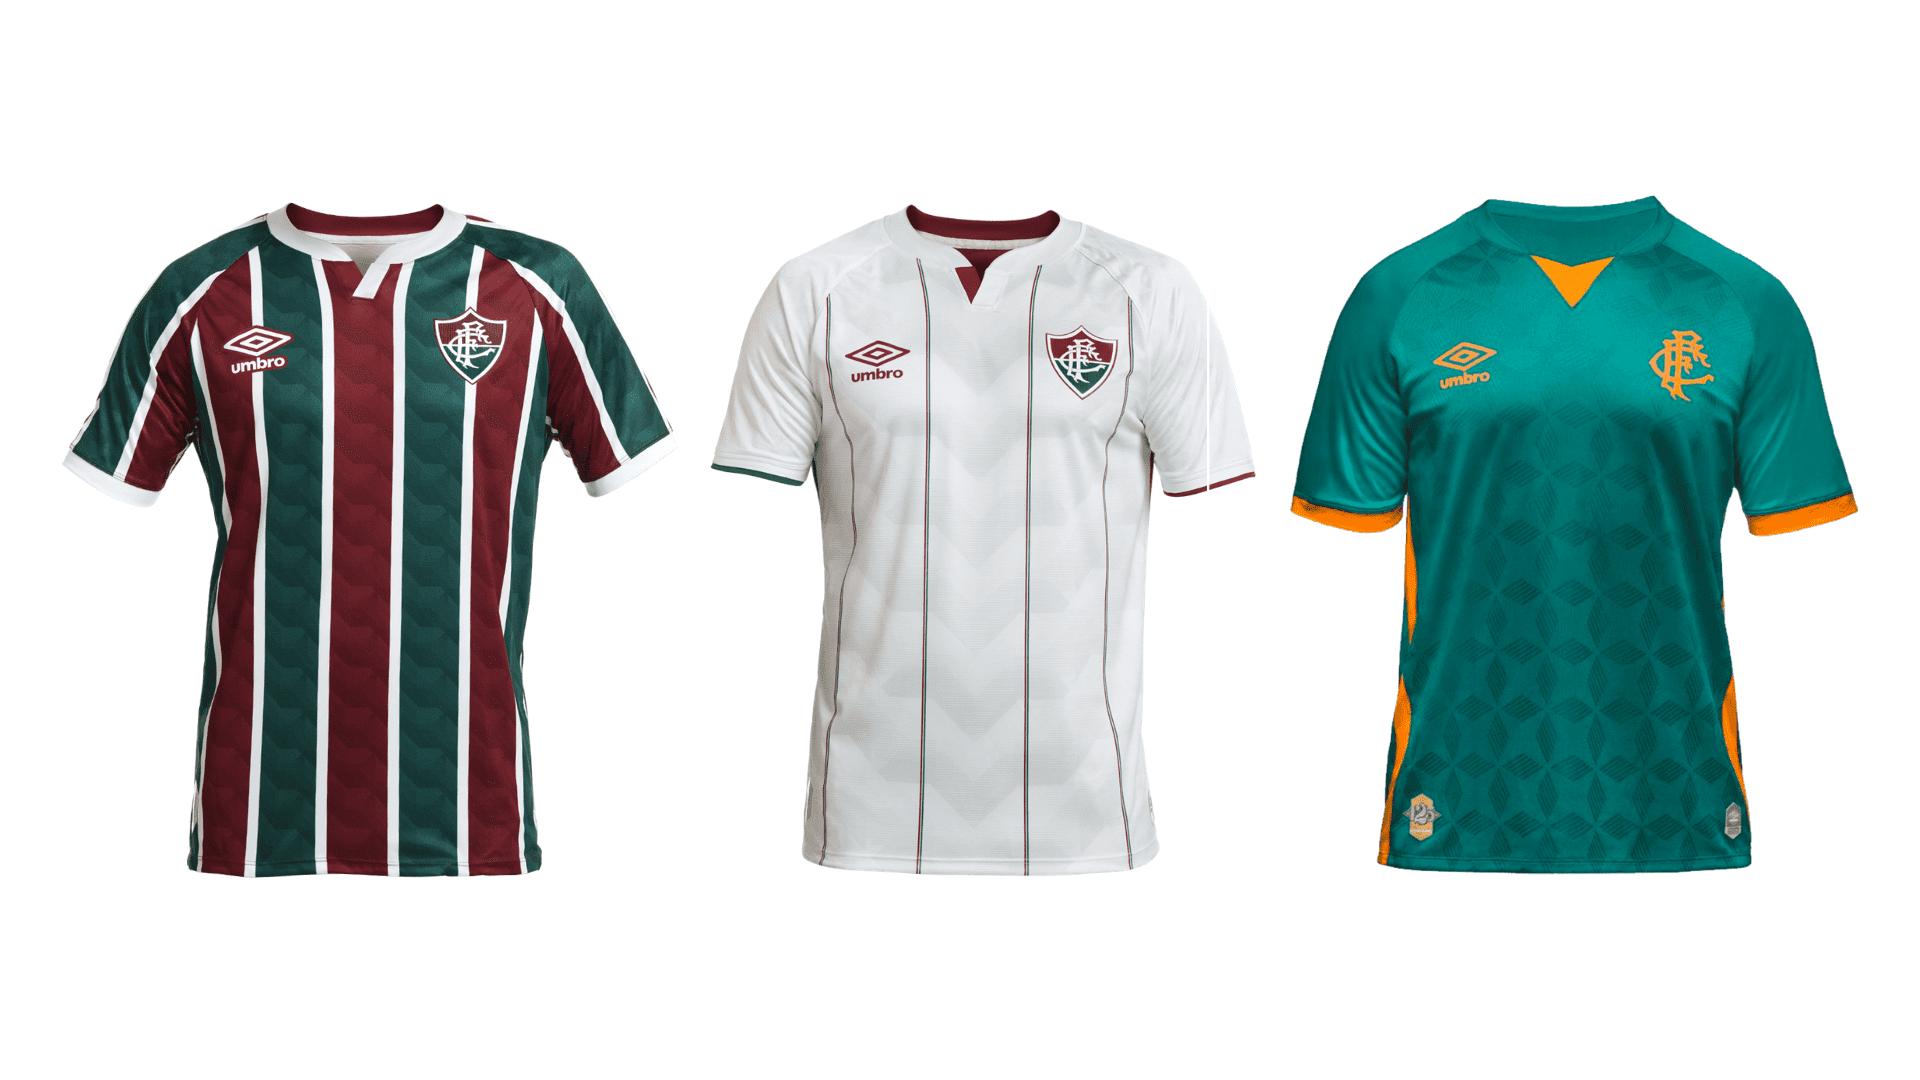 Camisa do Fluminense 2020 Umbro Jogo 1, 2 e 3 (Imagem: Divulgação/Umbro)